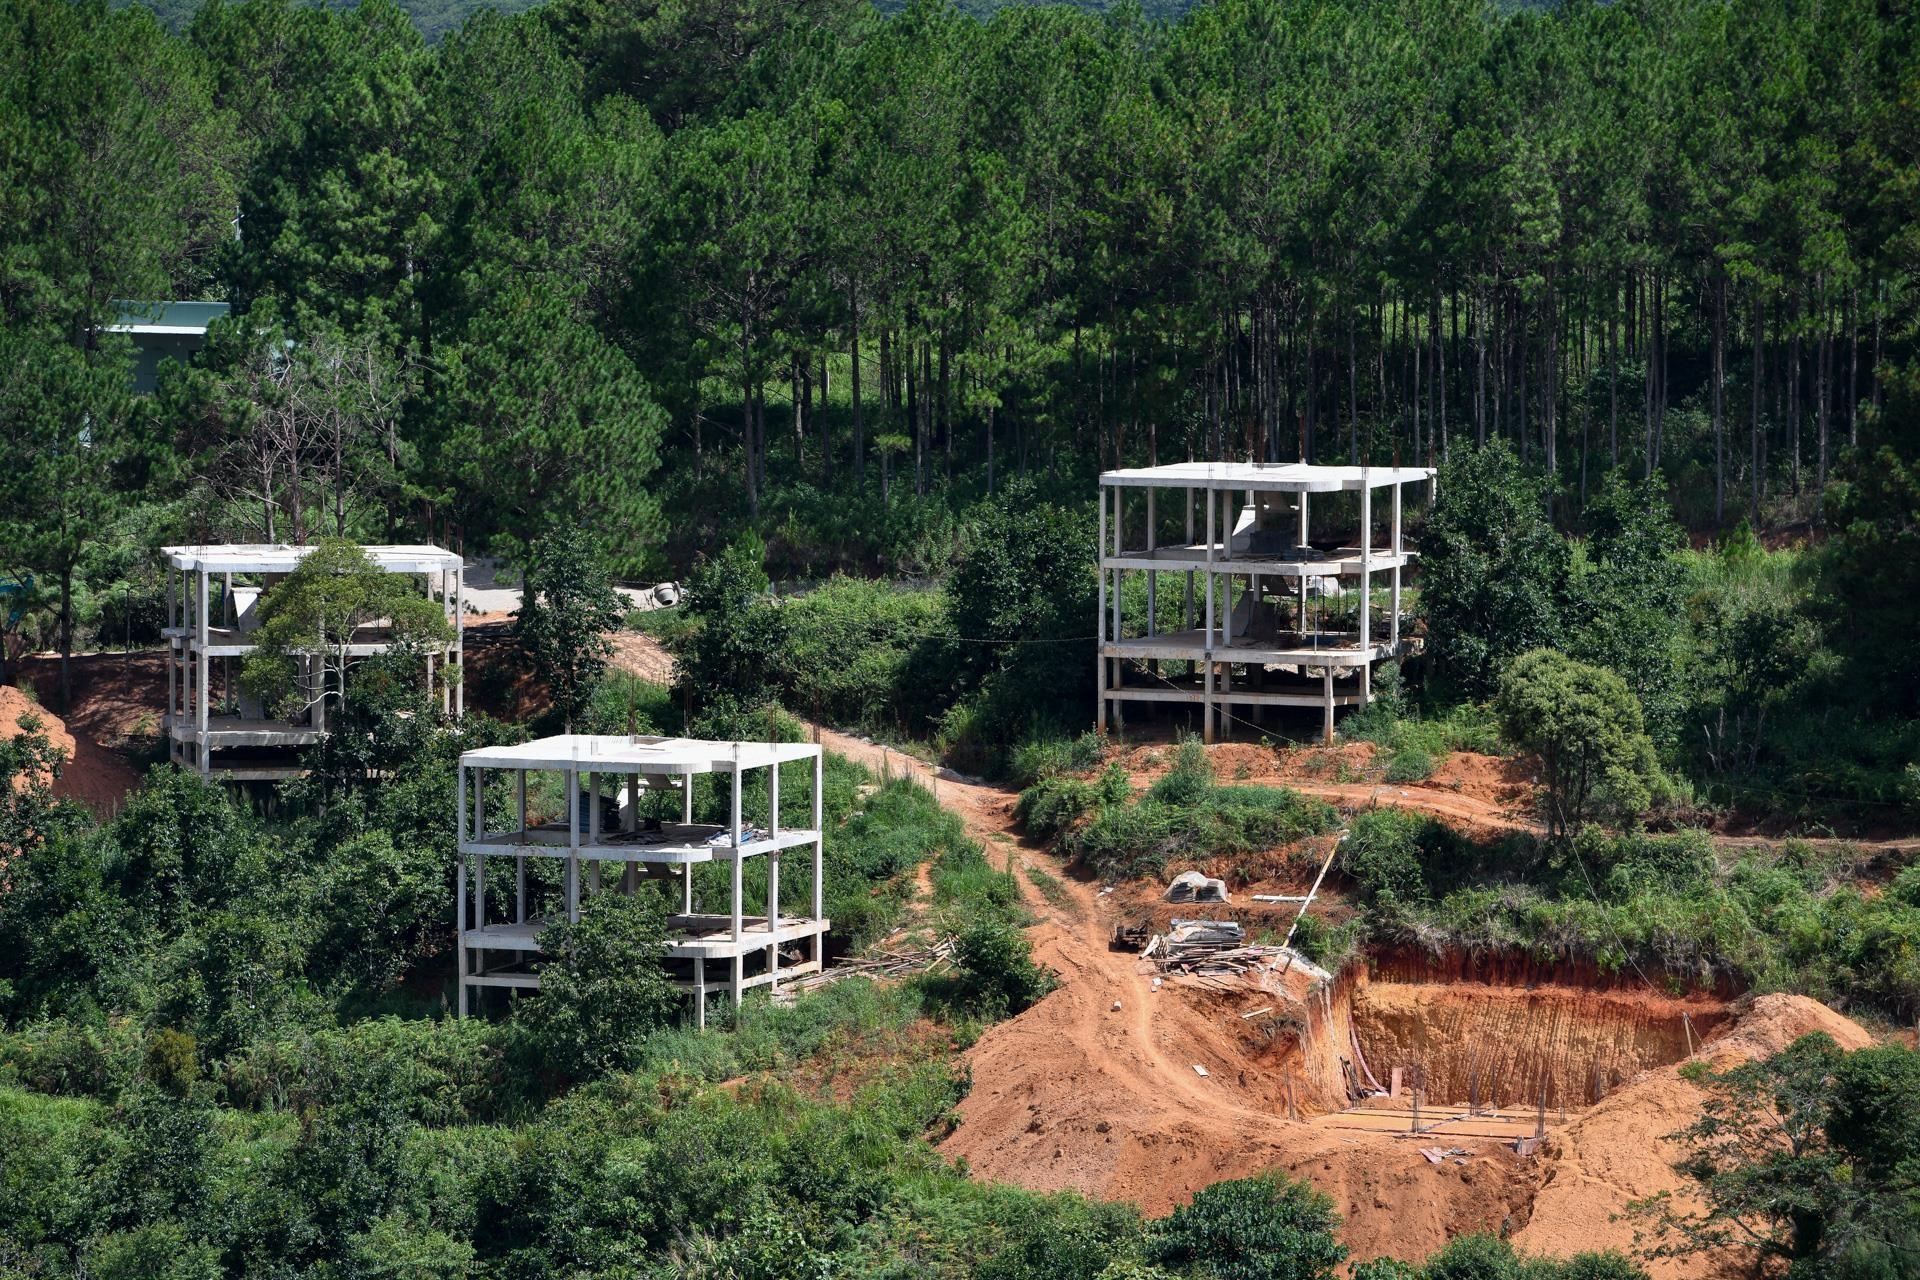 Nhiều dự án bất động sản sai phạm 'bao vây' hồ Tuyền Lâm ở Đà Lạt - Ảnh 13.